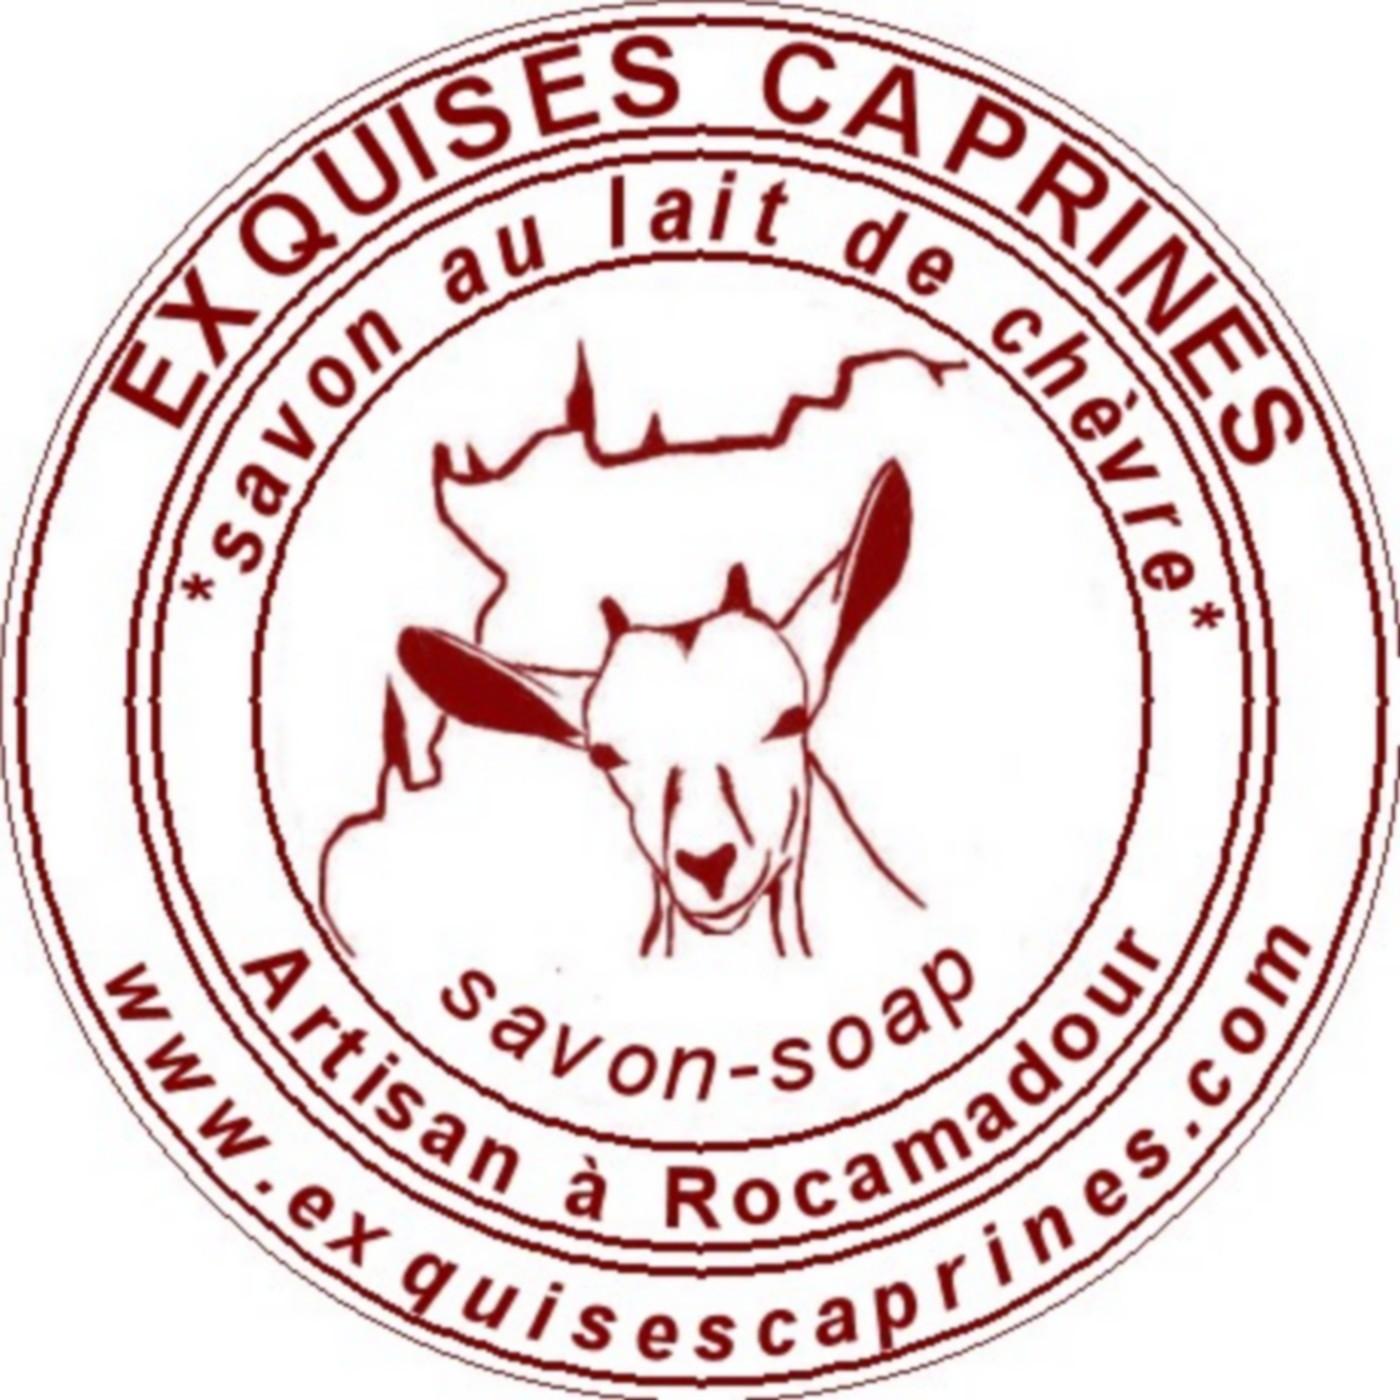 Savonnerie Exquises Caprines